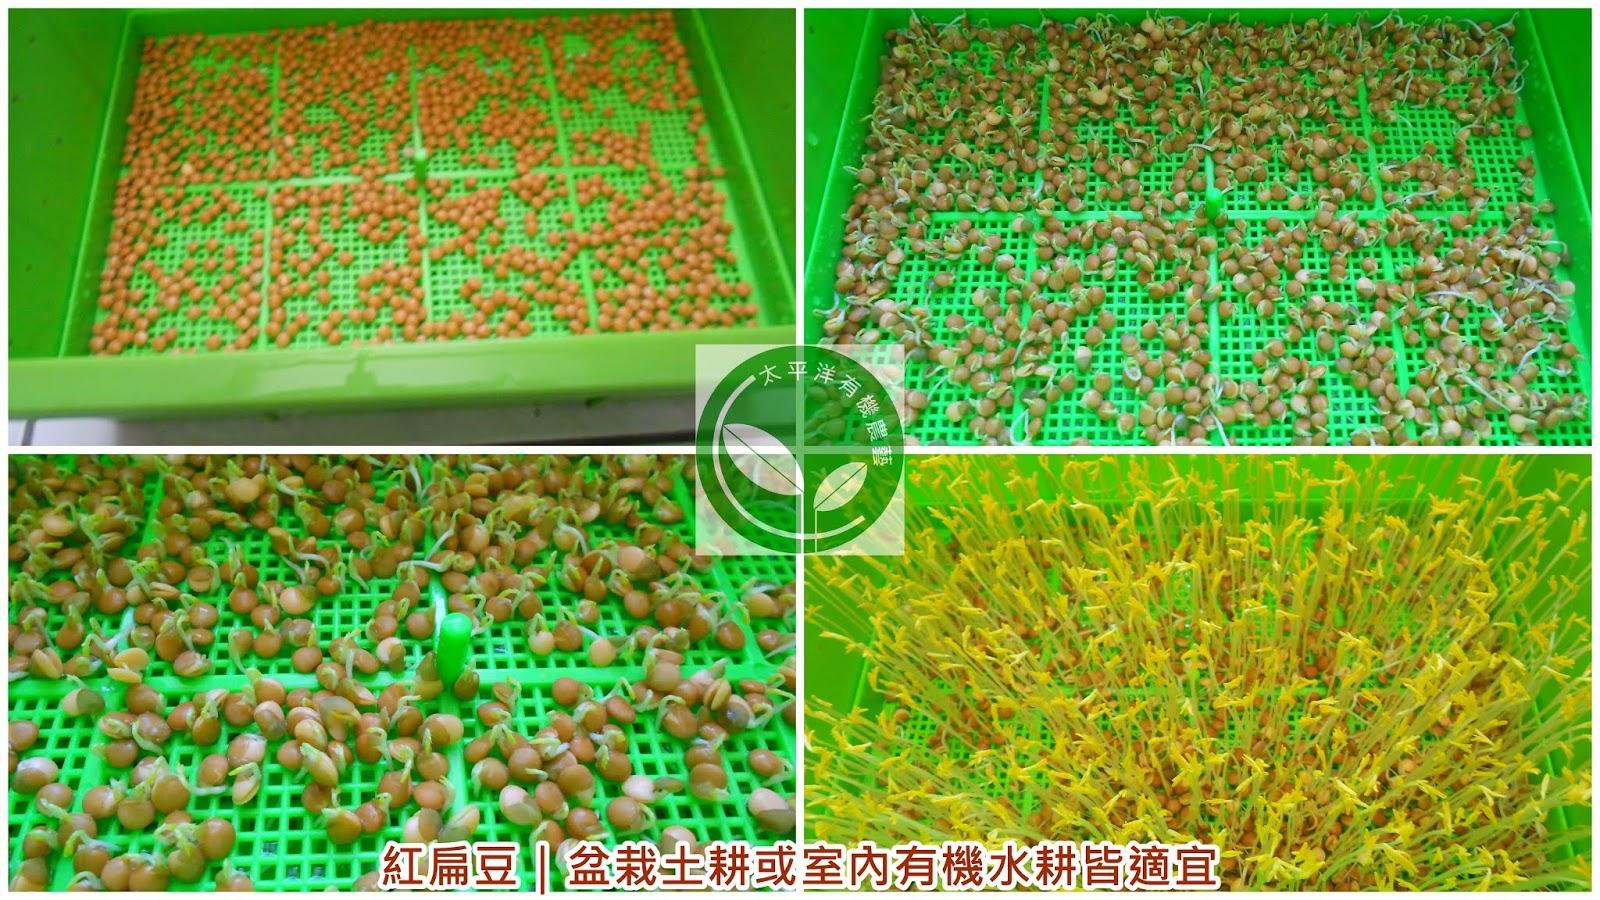 扁豆,紅扁豆,紅扁豆料理,紅扁豆食譜,紅扁豆營養,扁豆功效,綠扁豆,綠扁豆的功效,小扁豆購買,紅扁豆功效